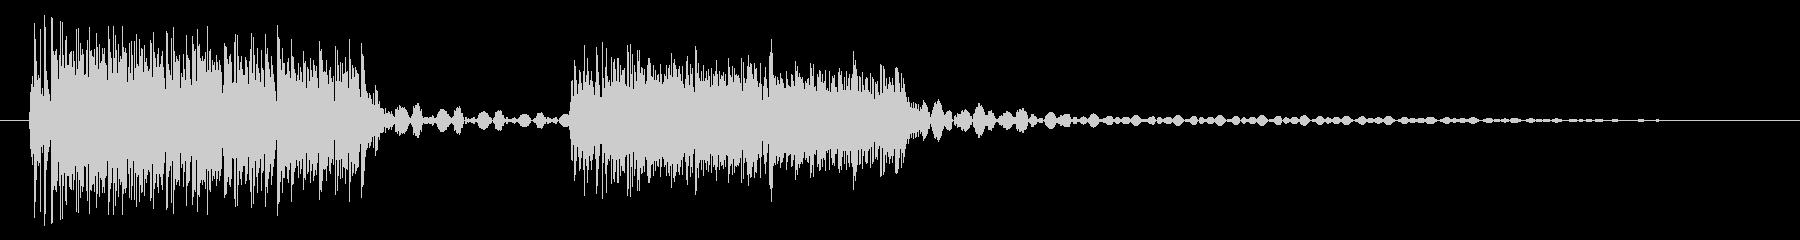 ブブッ/間違い/クイズの未再生の波形